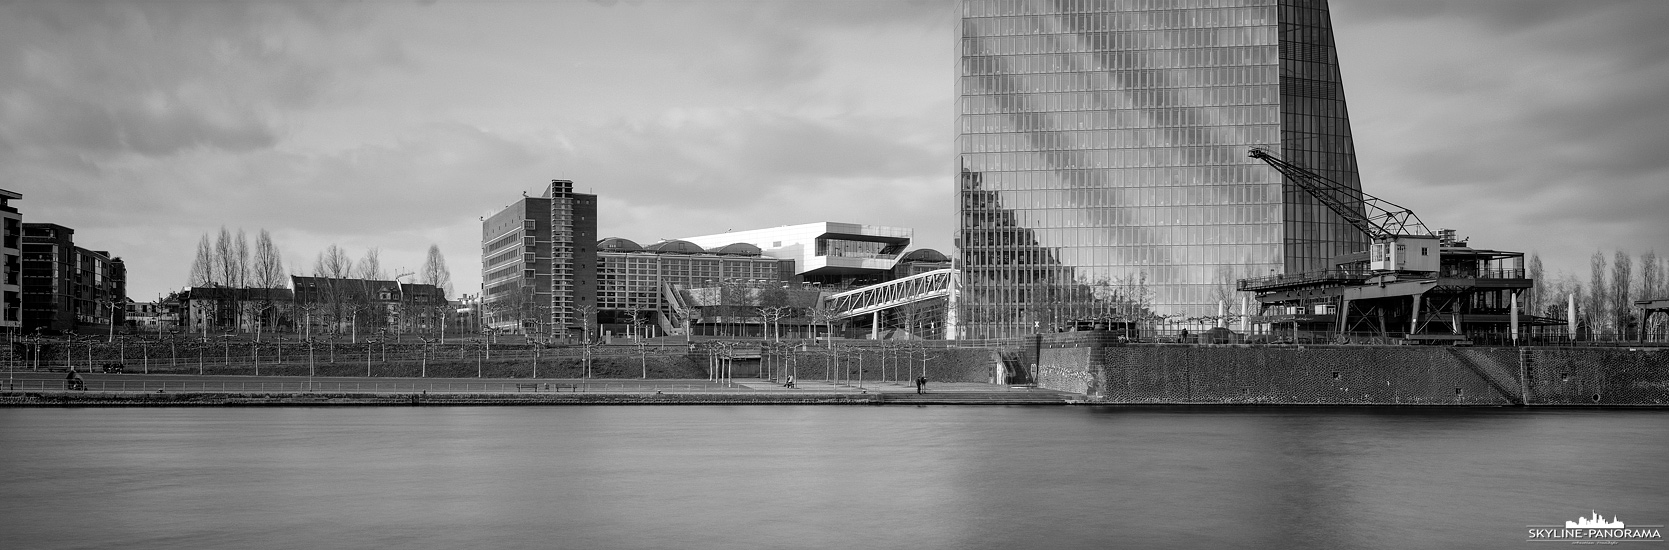 6x17 Panorama als Langzeitbelichtung - Das Frankfurter Mainufer im Osten der Stadt, mit der Weseler Werft und der EZB als Panorama.